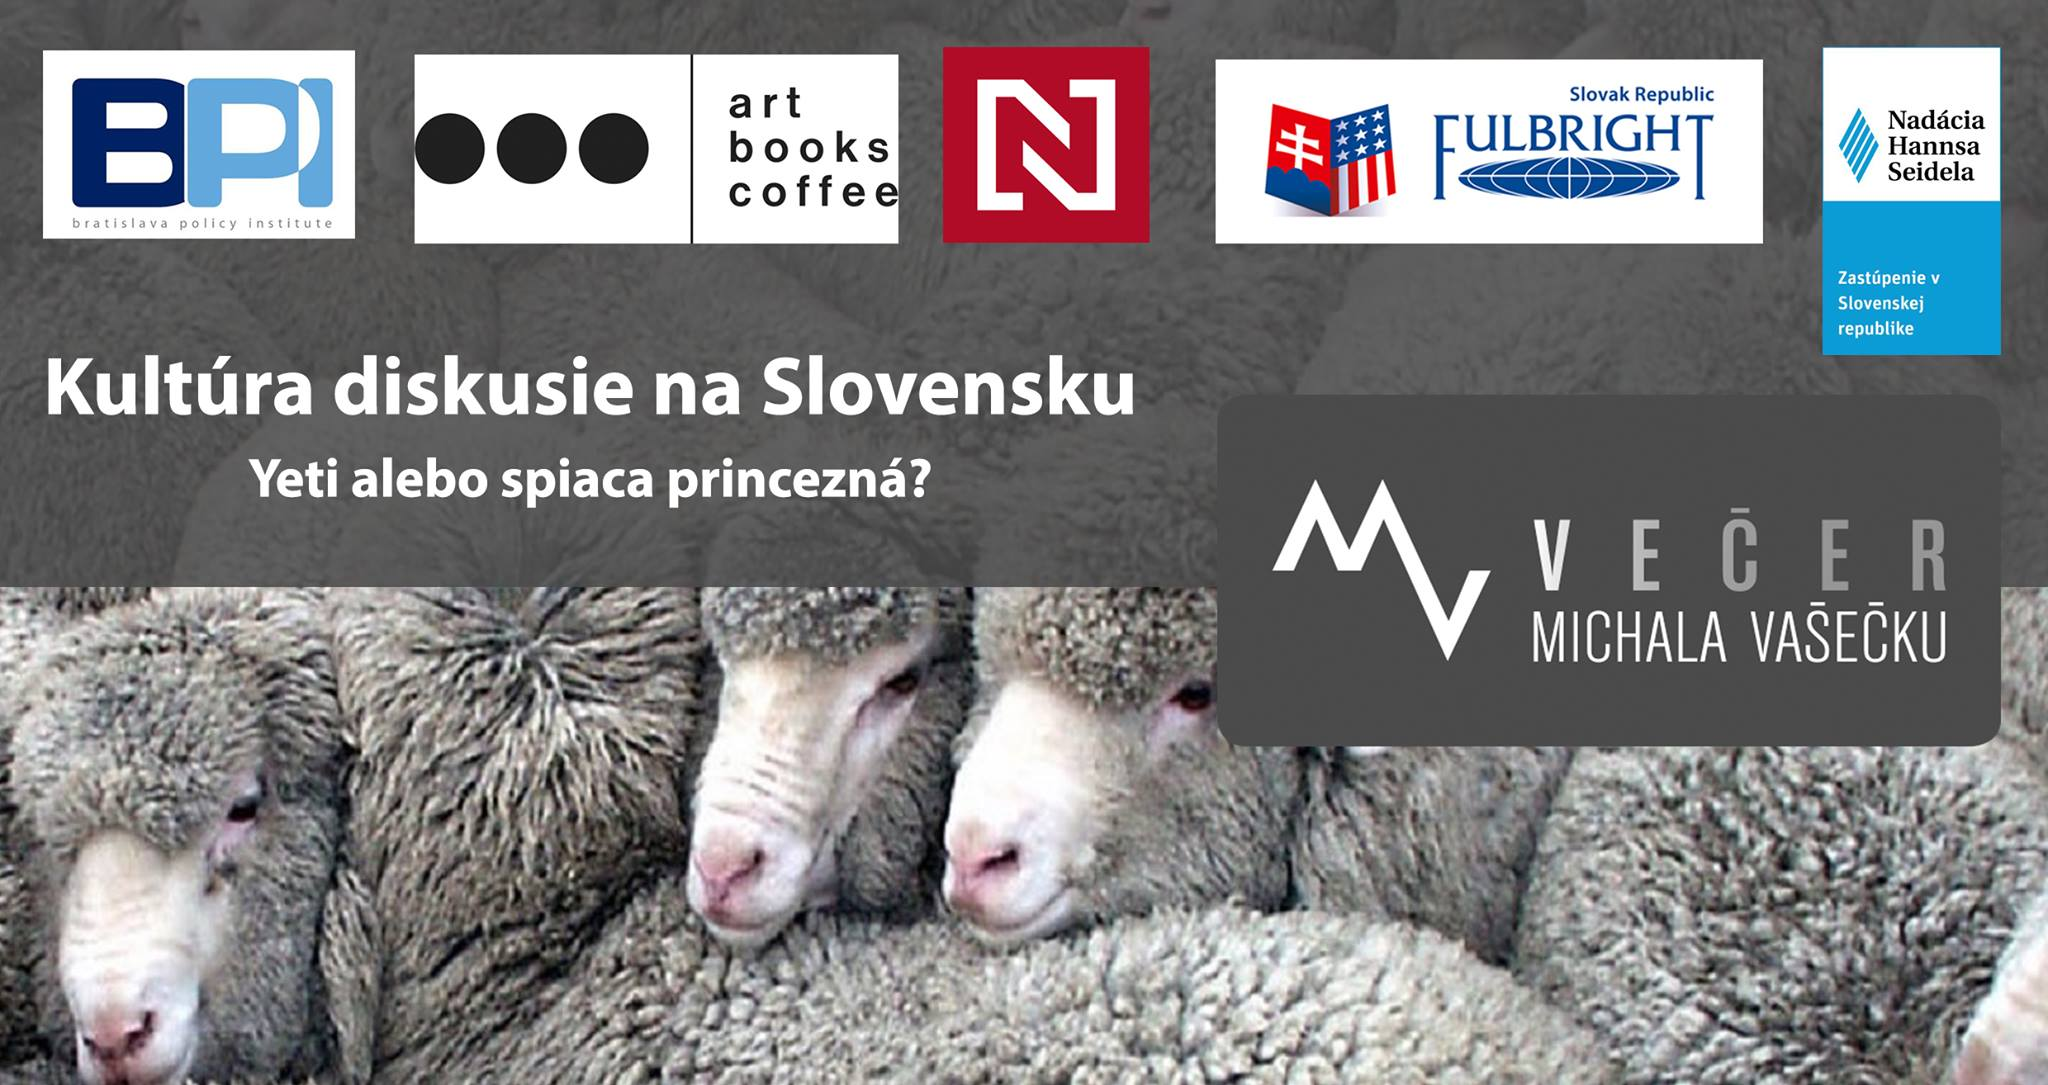 Večer Michala Vašečku: Kultúra diskusie na Slovensku.